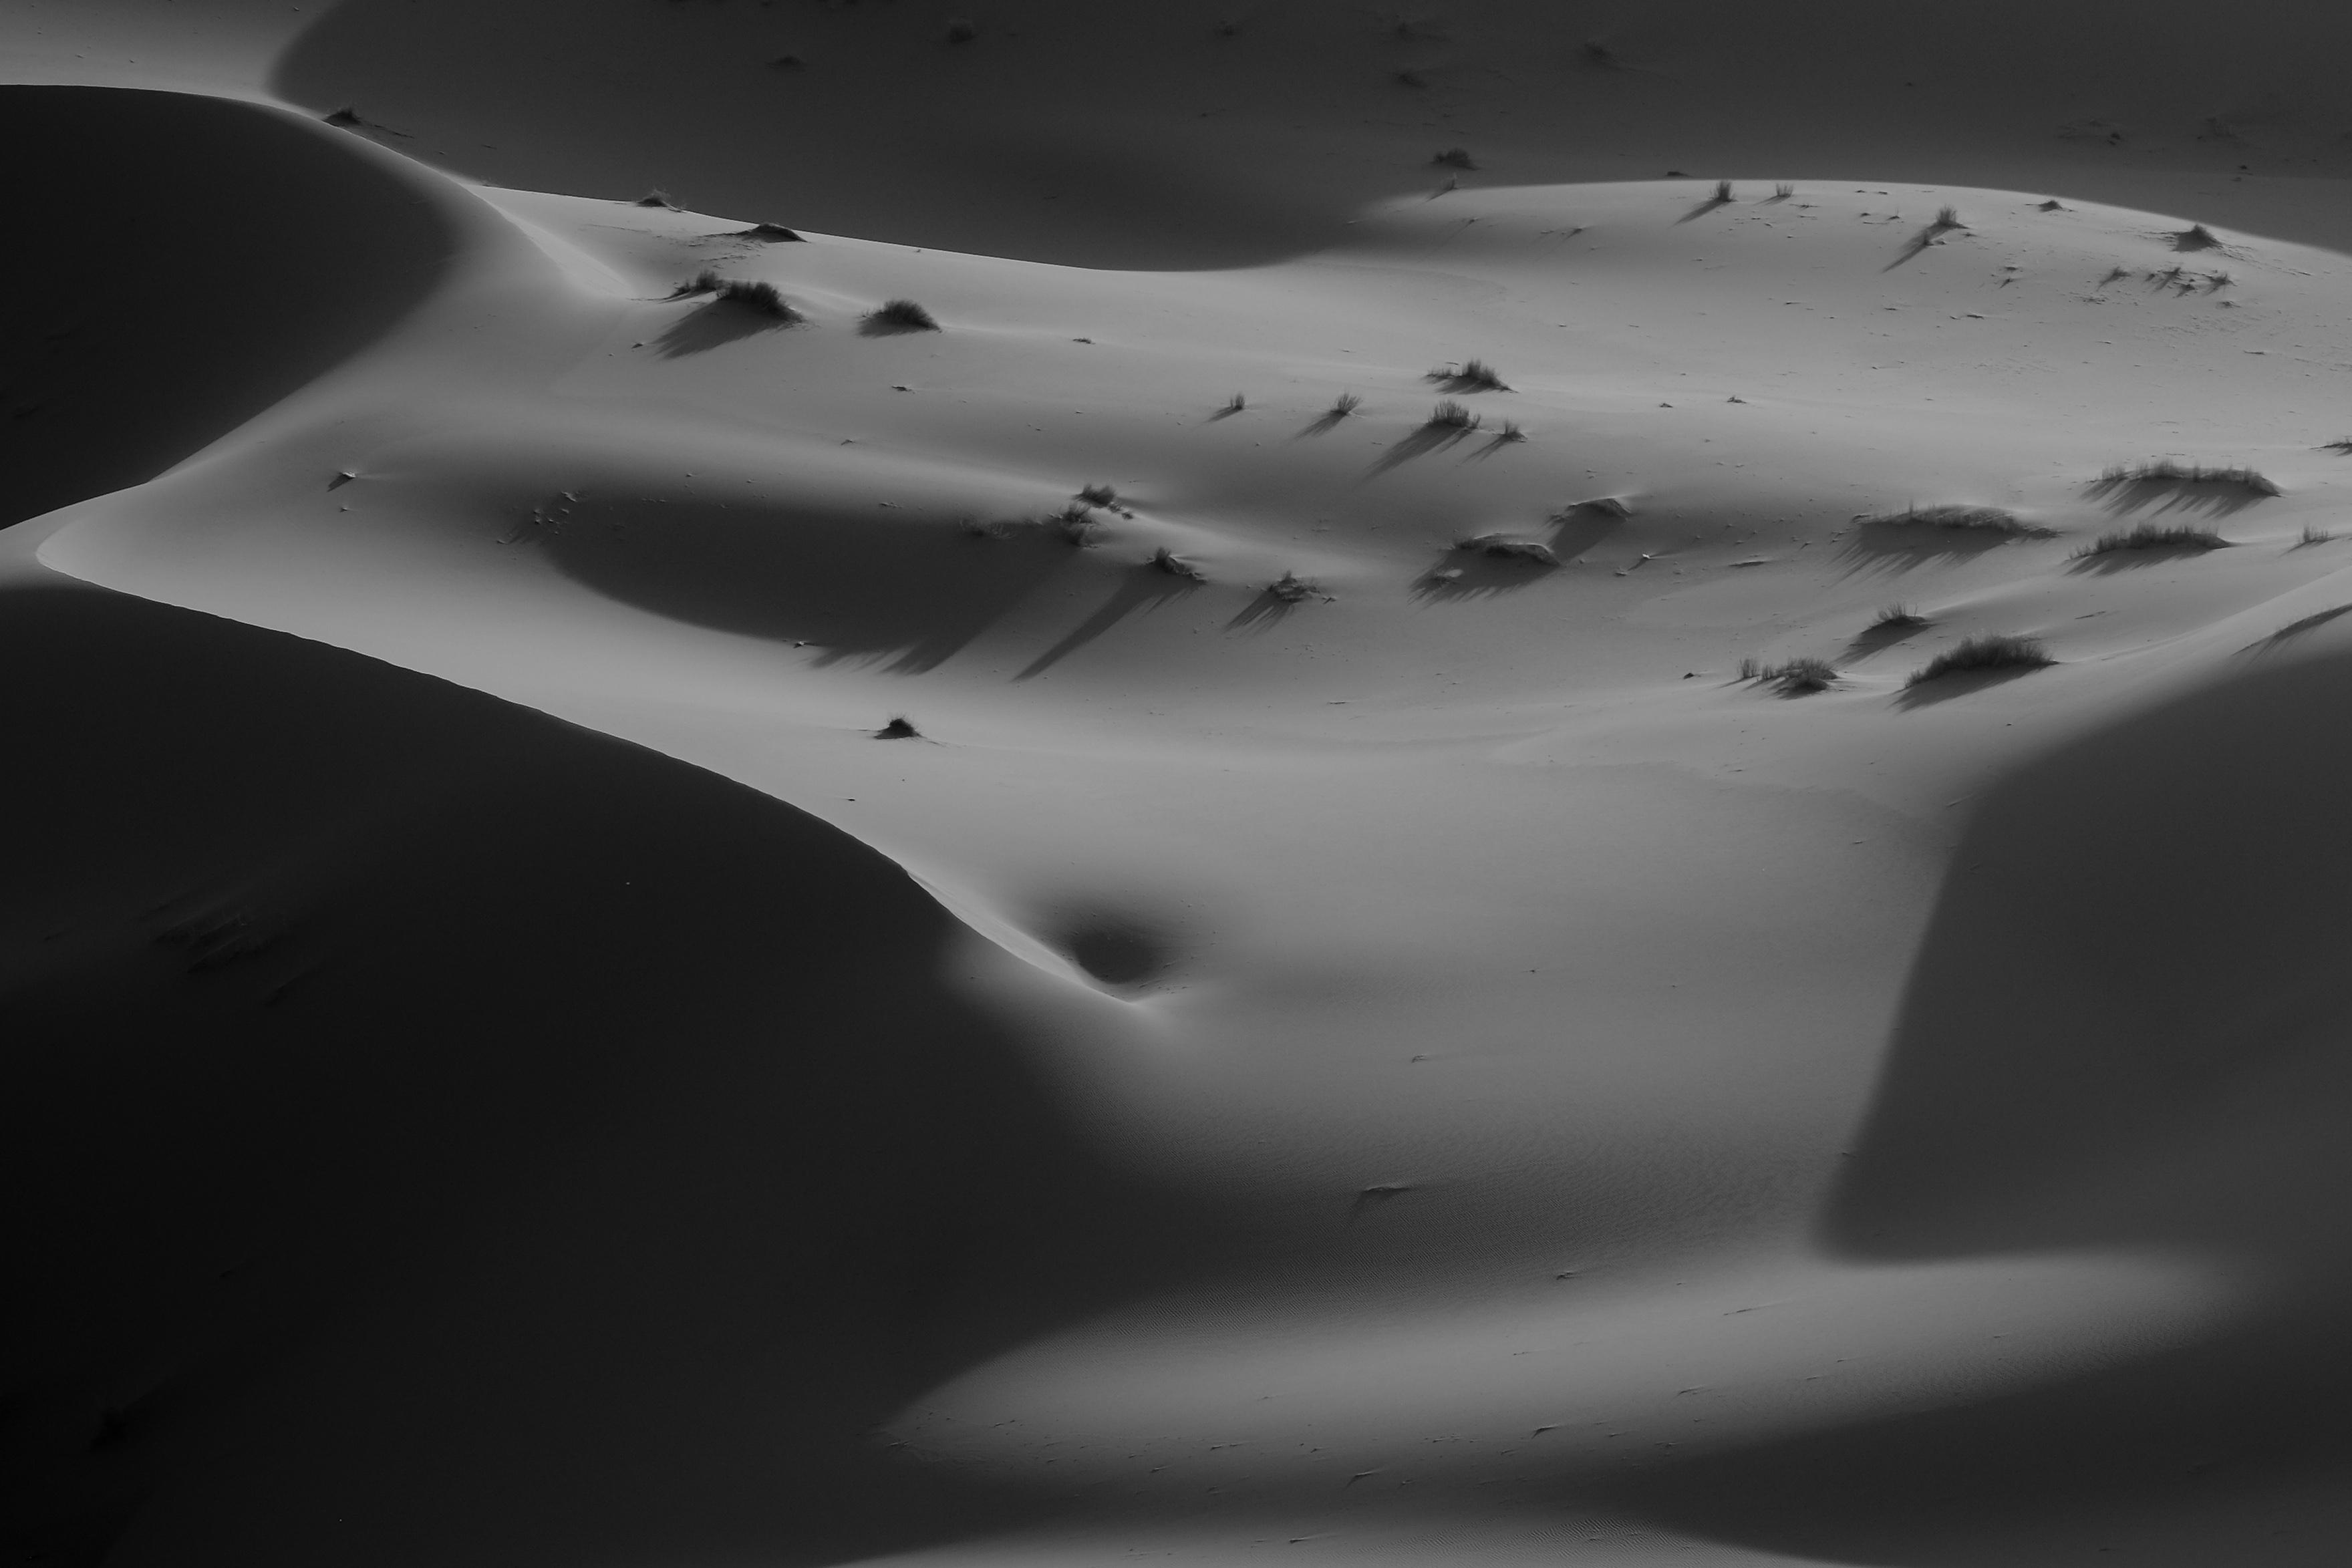 Maroc Desert (1 of 15)